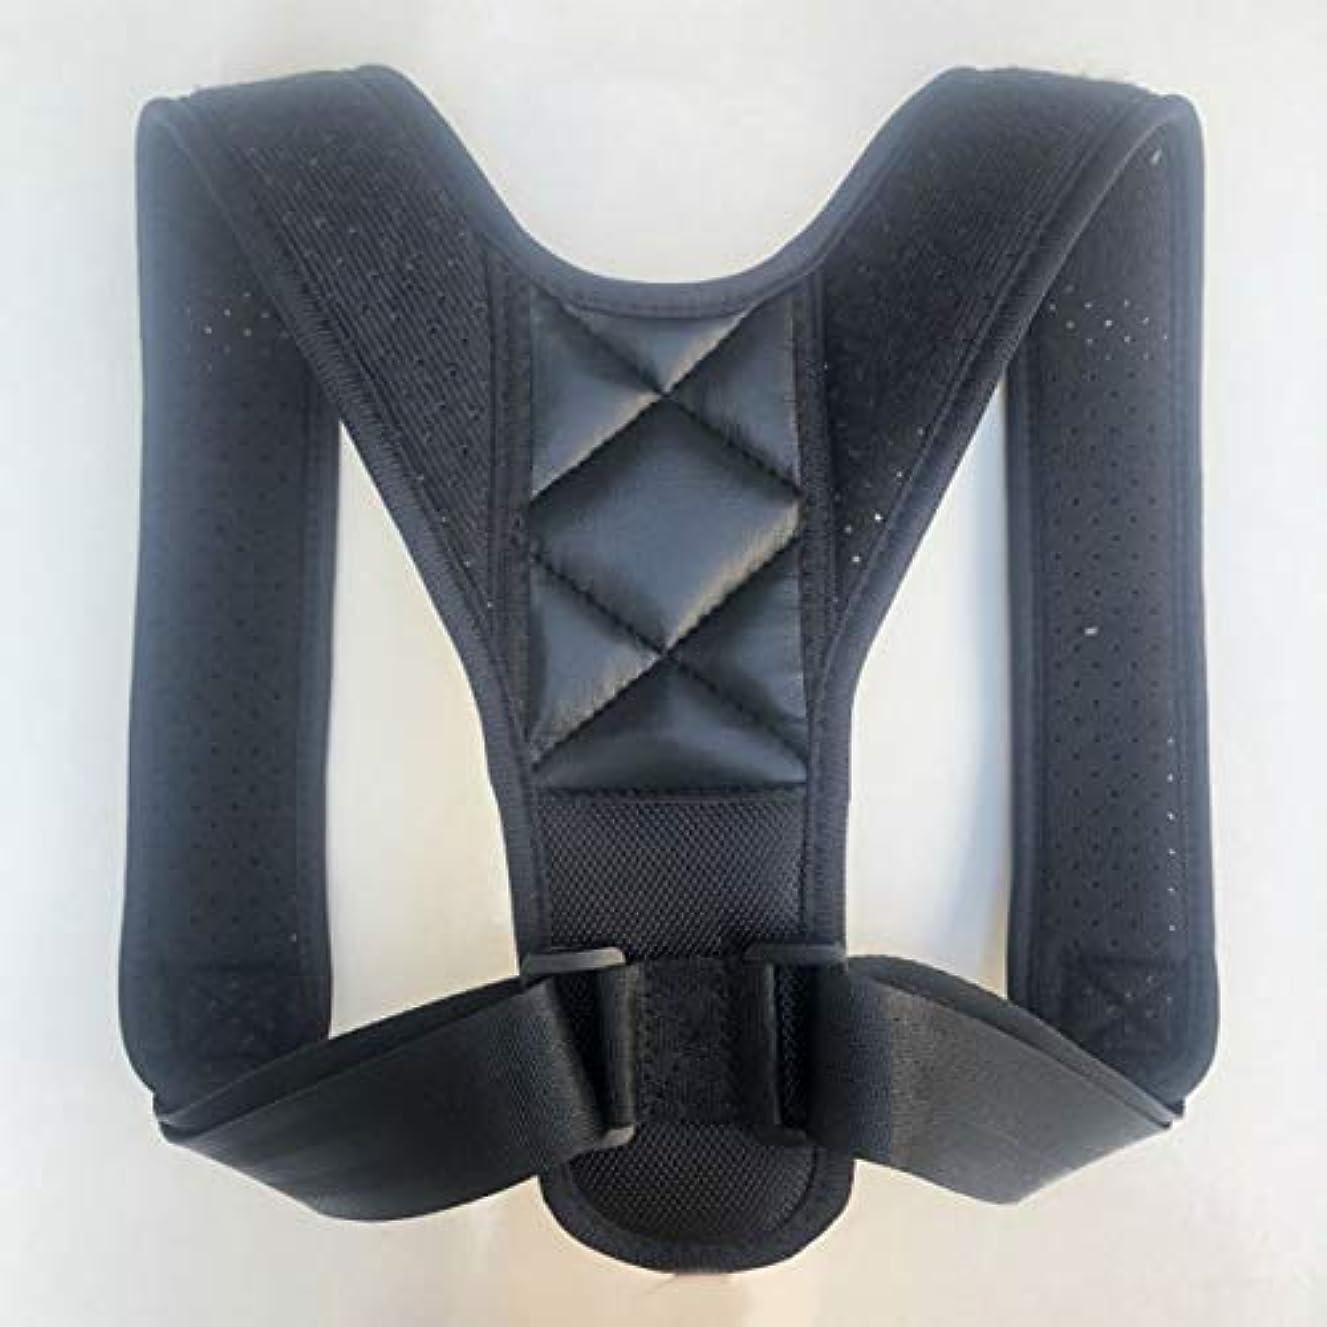 手順保存する急性アッパーバックポスチャーコレクター姿勢鎖骨サポートコレクターバックストレートショルダーブレースストラップコレクター - ブラック